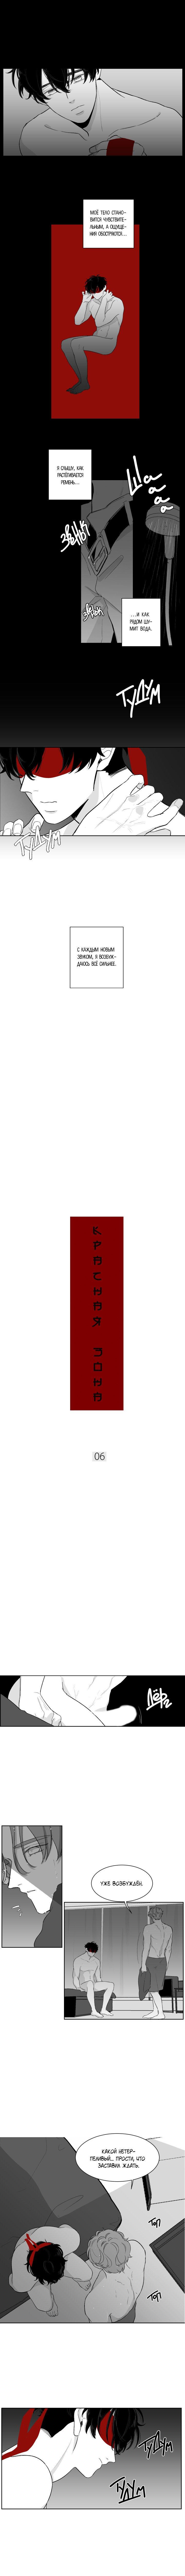 Манга Красная зона - Глава 6 Страница 1